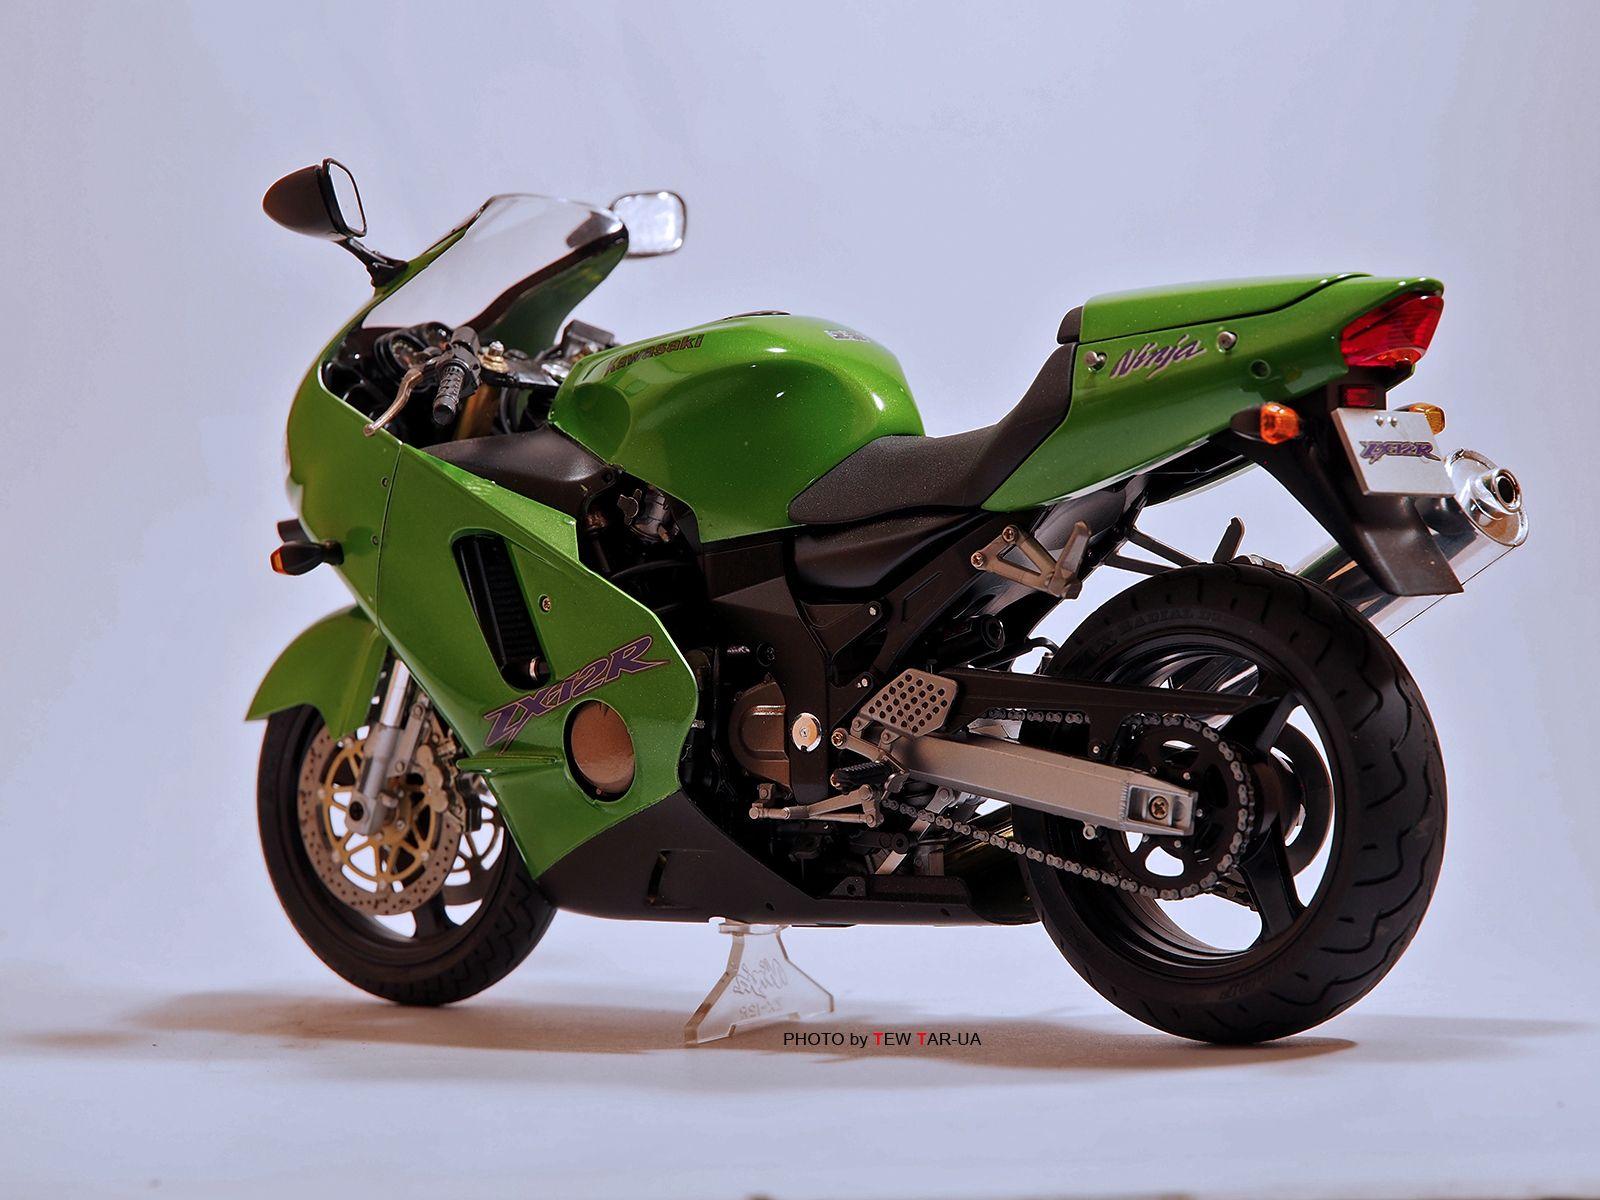 1999 KAWASAKI ZX-12R   Cool bikes, Motorcycle, Kawasaki